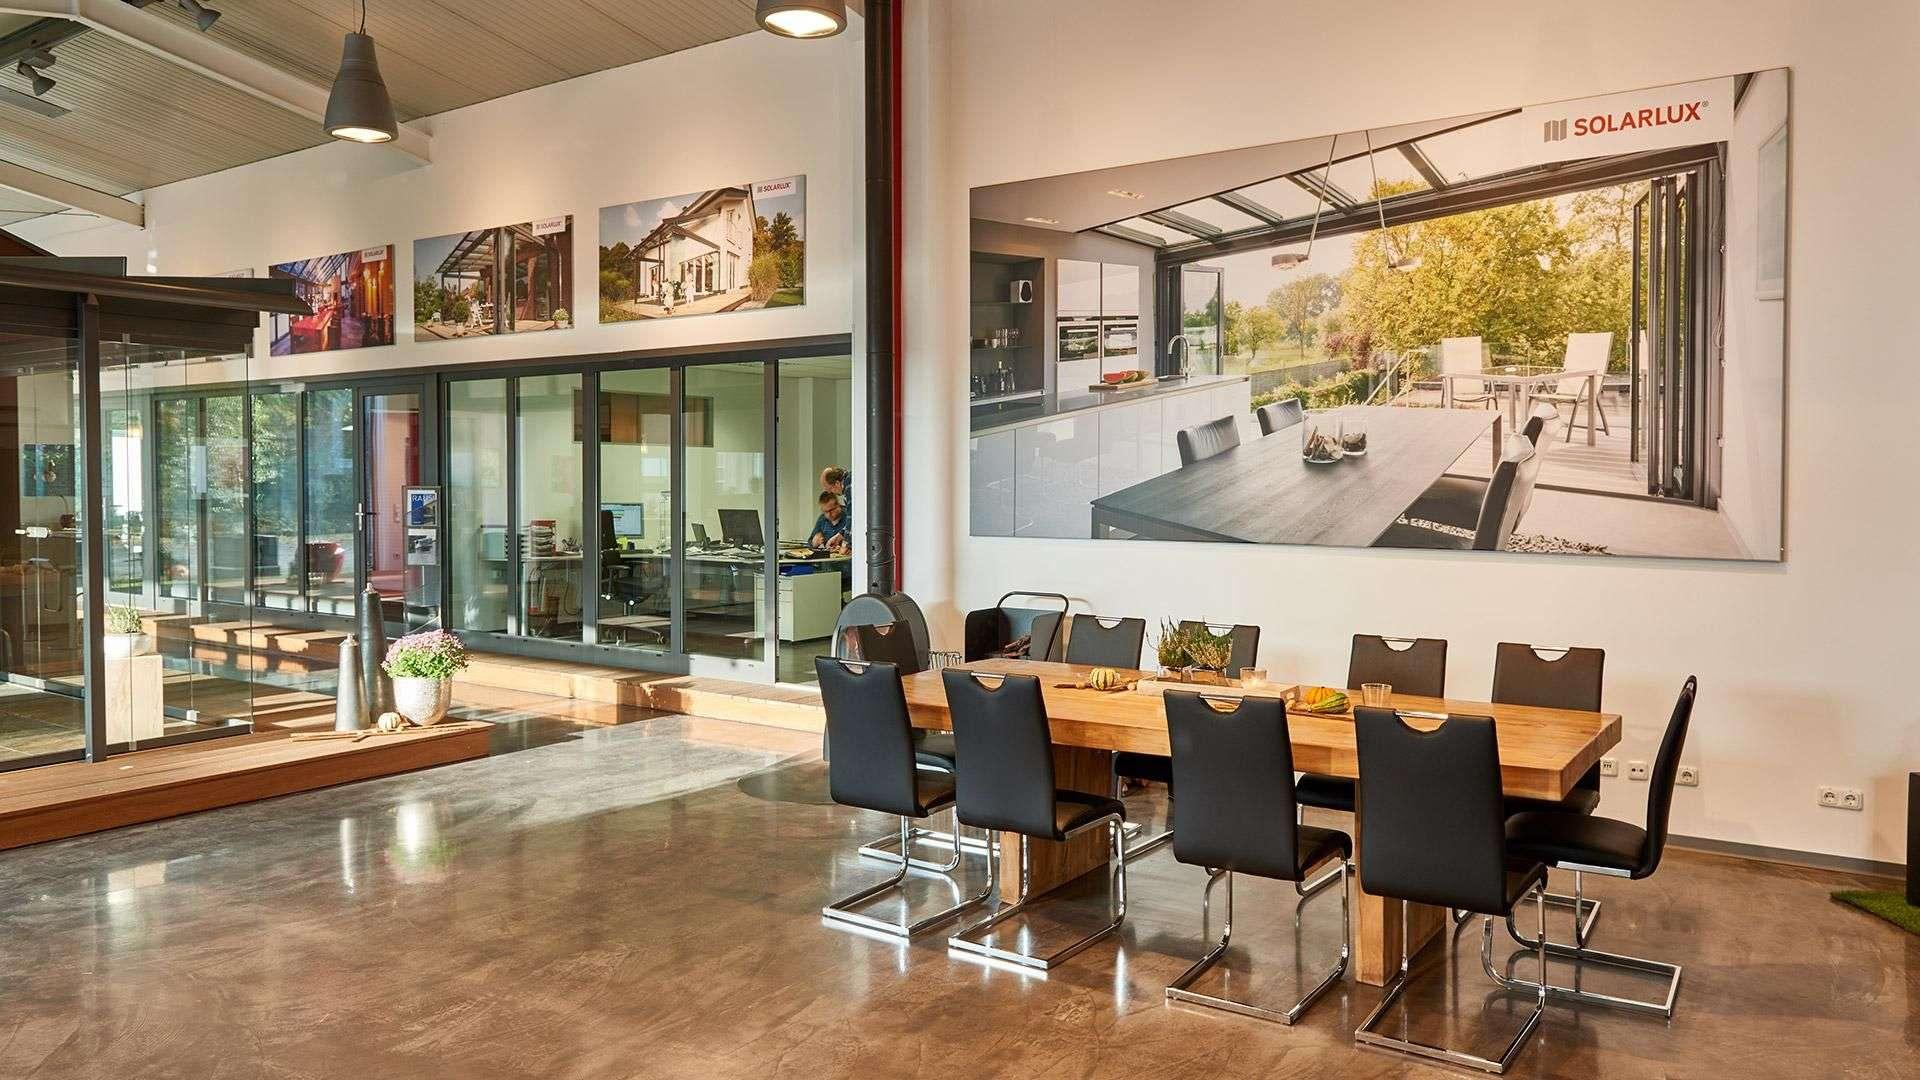 Konferenztisch in der Nolden Ausstellung mit Solarlux-Wintergarten-Bild an der Wand